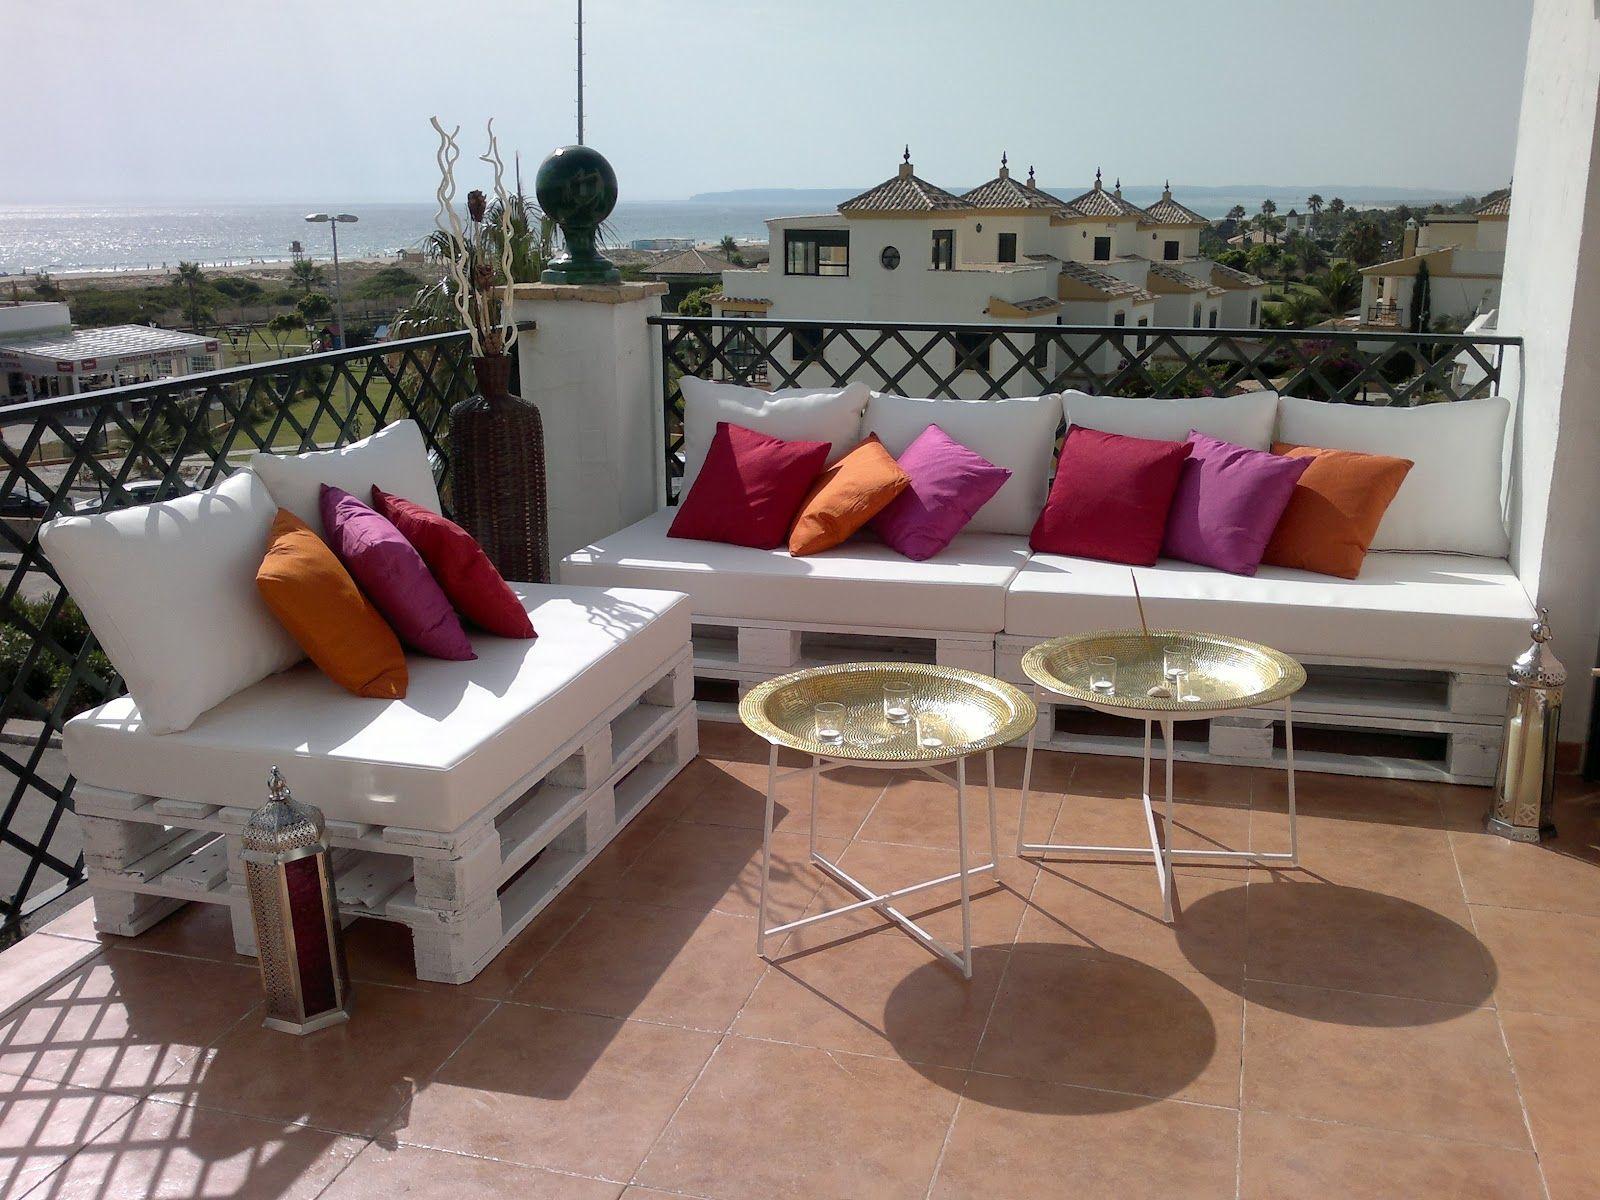 crear sofs de palets para la decoracin de terrazas y para interiores no resulta difcil con algo de maa e imaginacin una forma sencilla y econmica - Sofas De Jardin Baratos